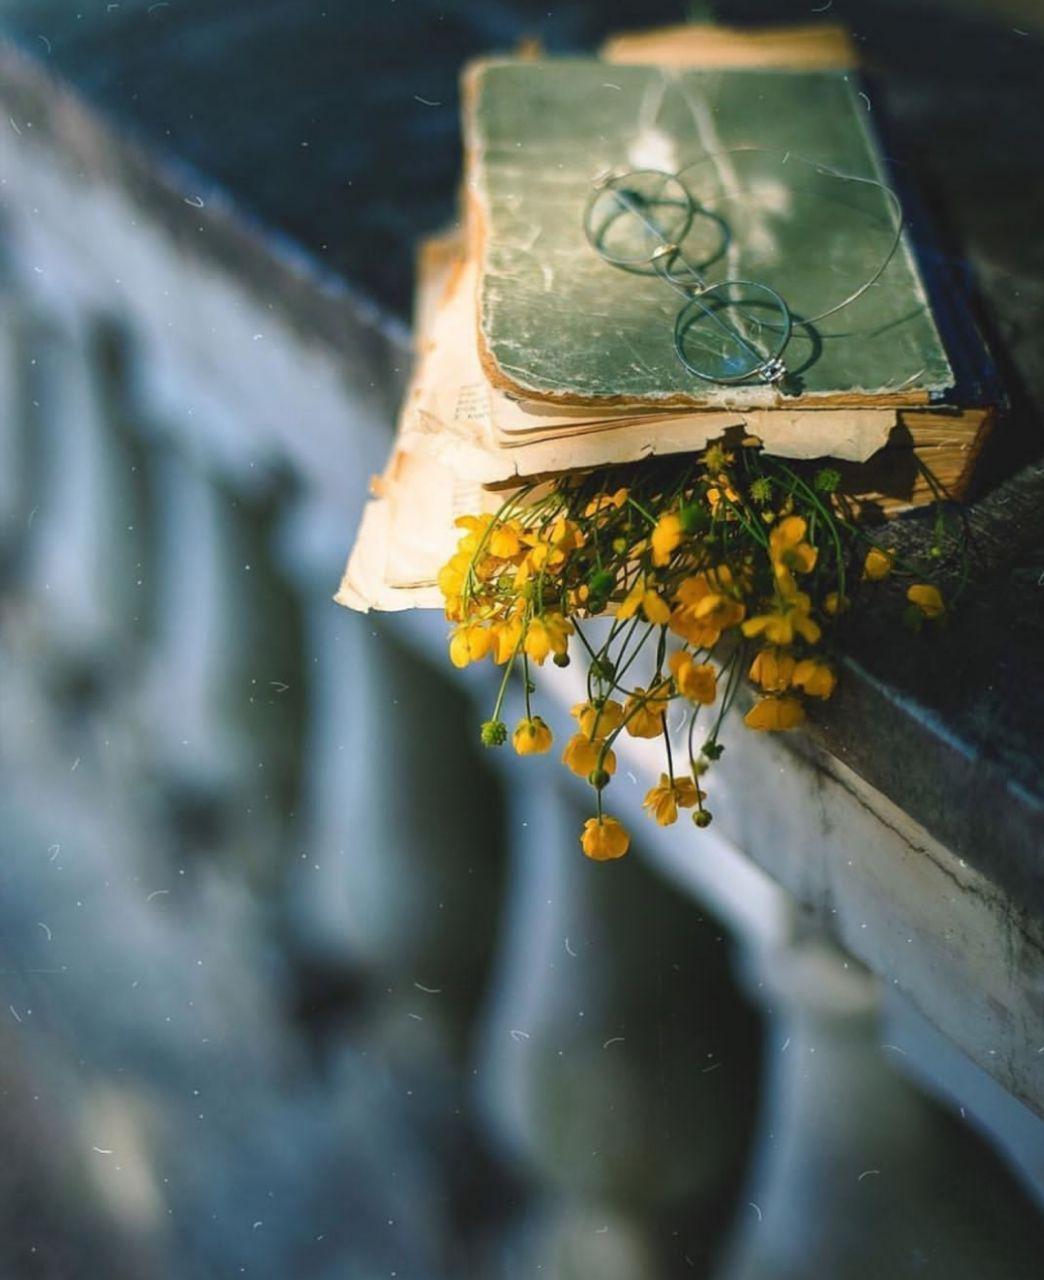 عکس زیبا از کتاب